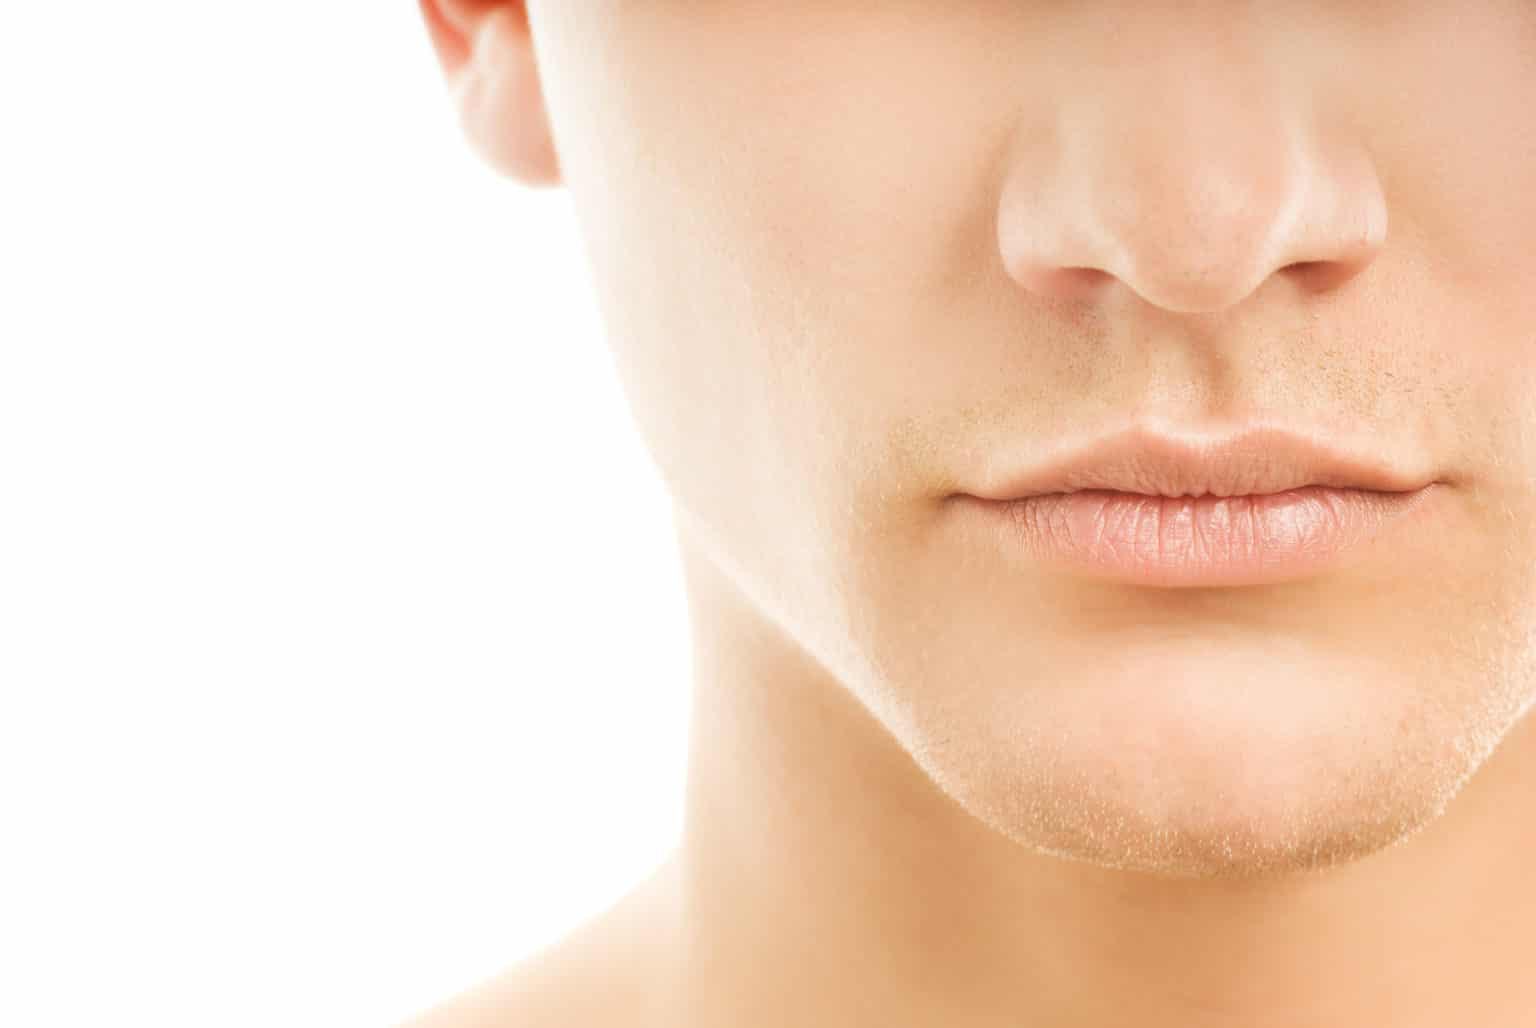 näsoperation ansikte